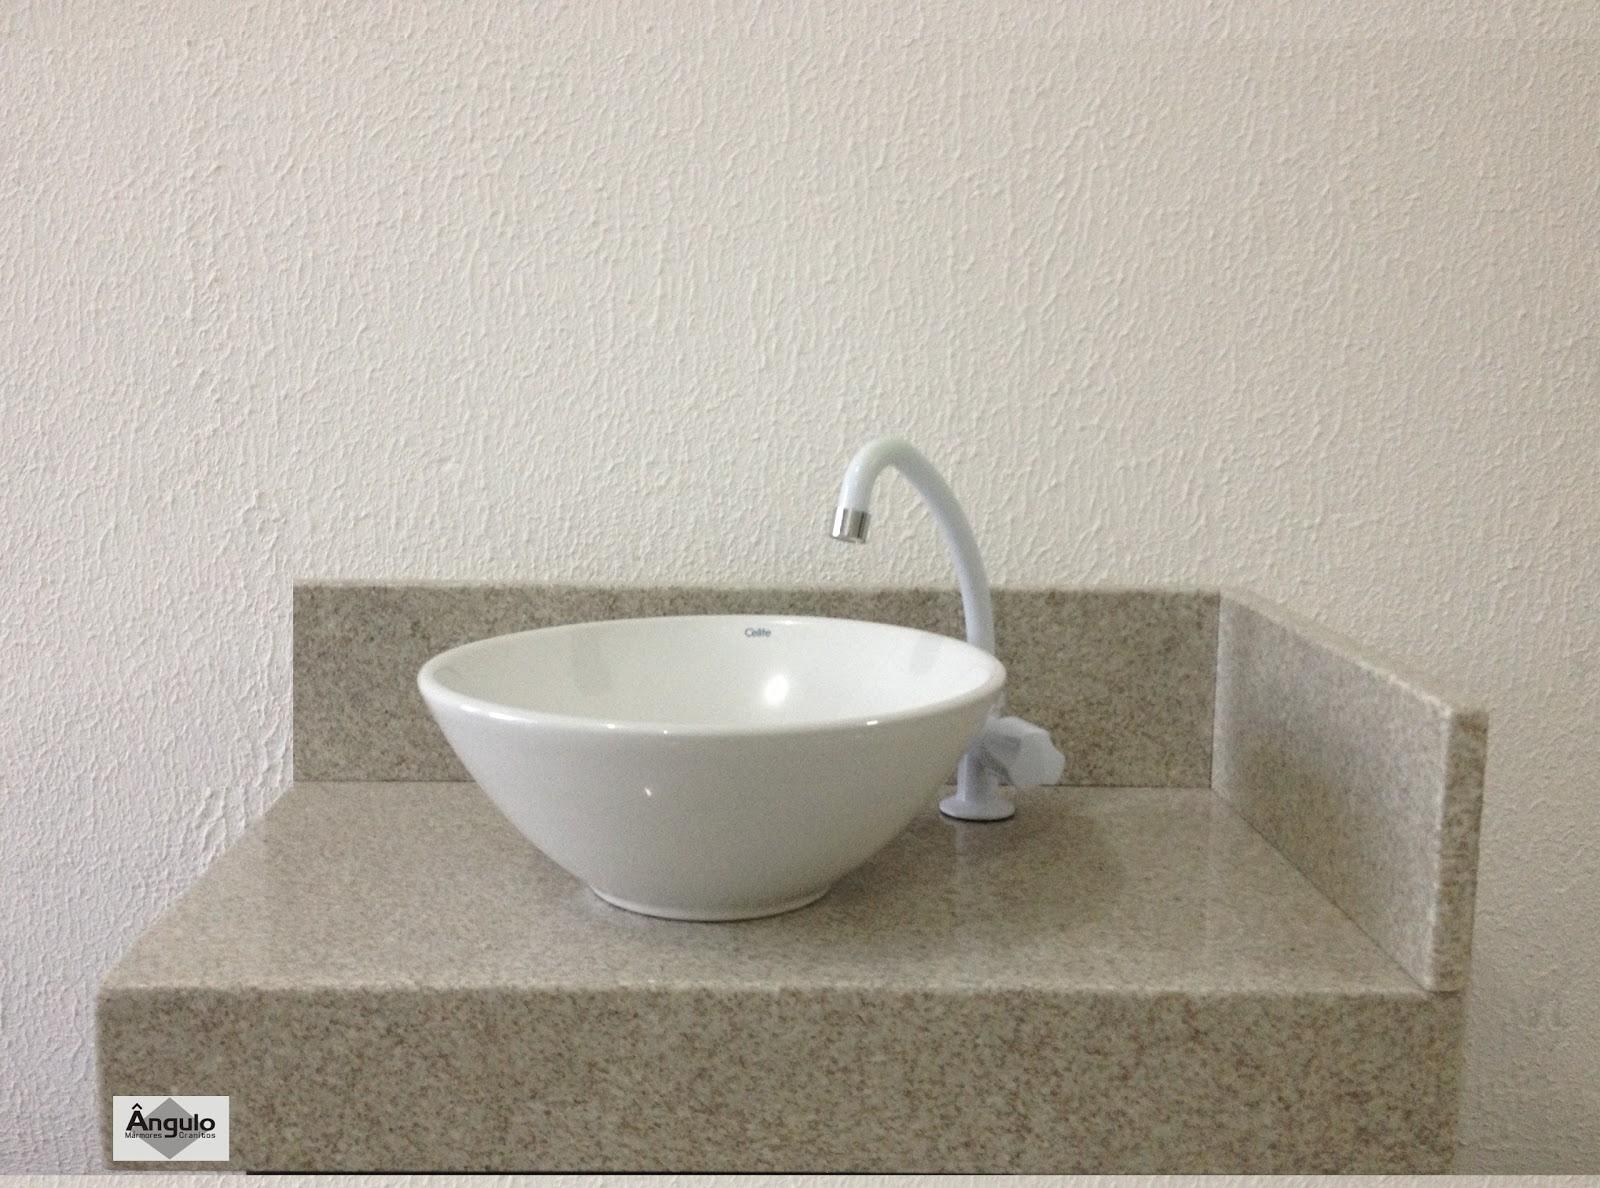 Mármores e Granitos: Bancada de Banheiro Granito Branco Siena #5B5141 1600x1188 Armario Para Banheiro De Granito